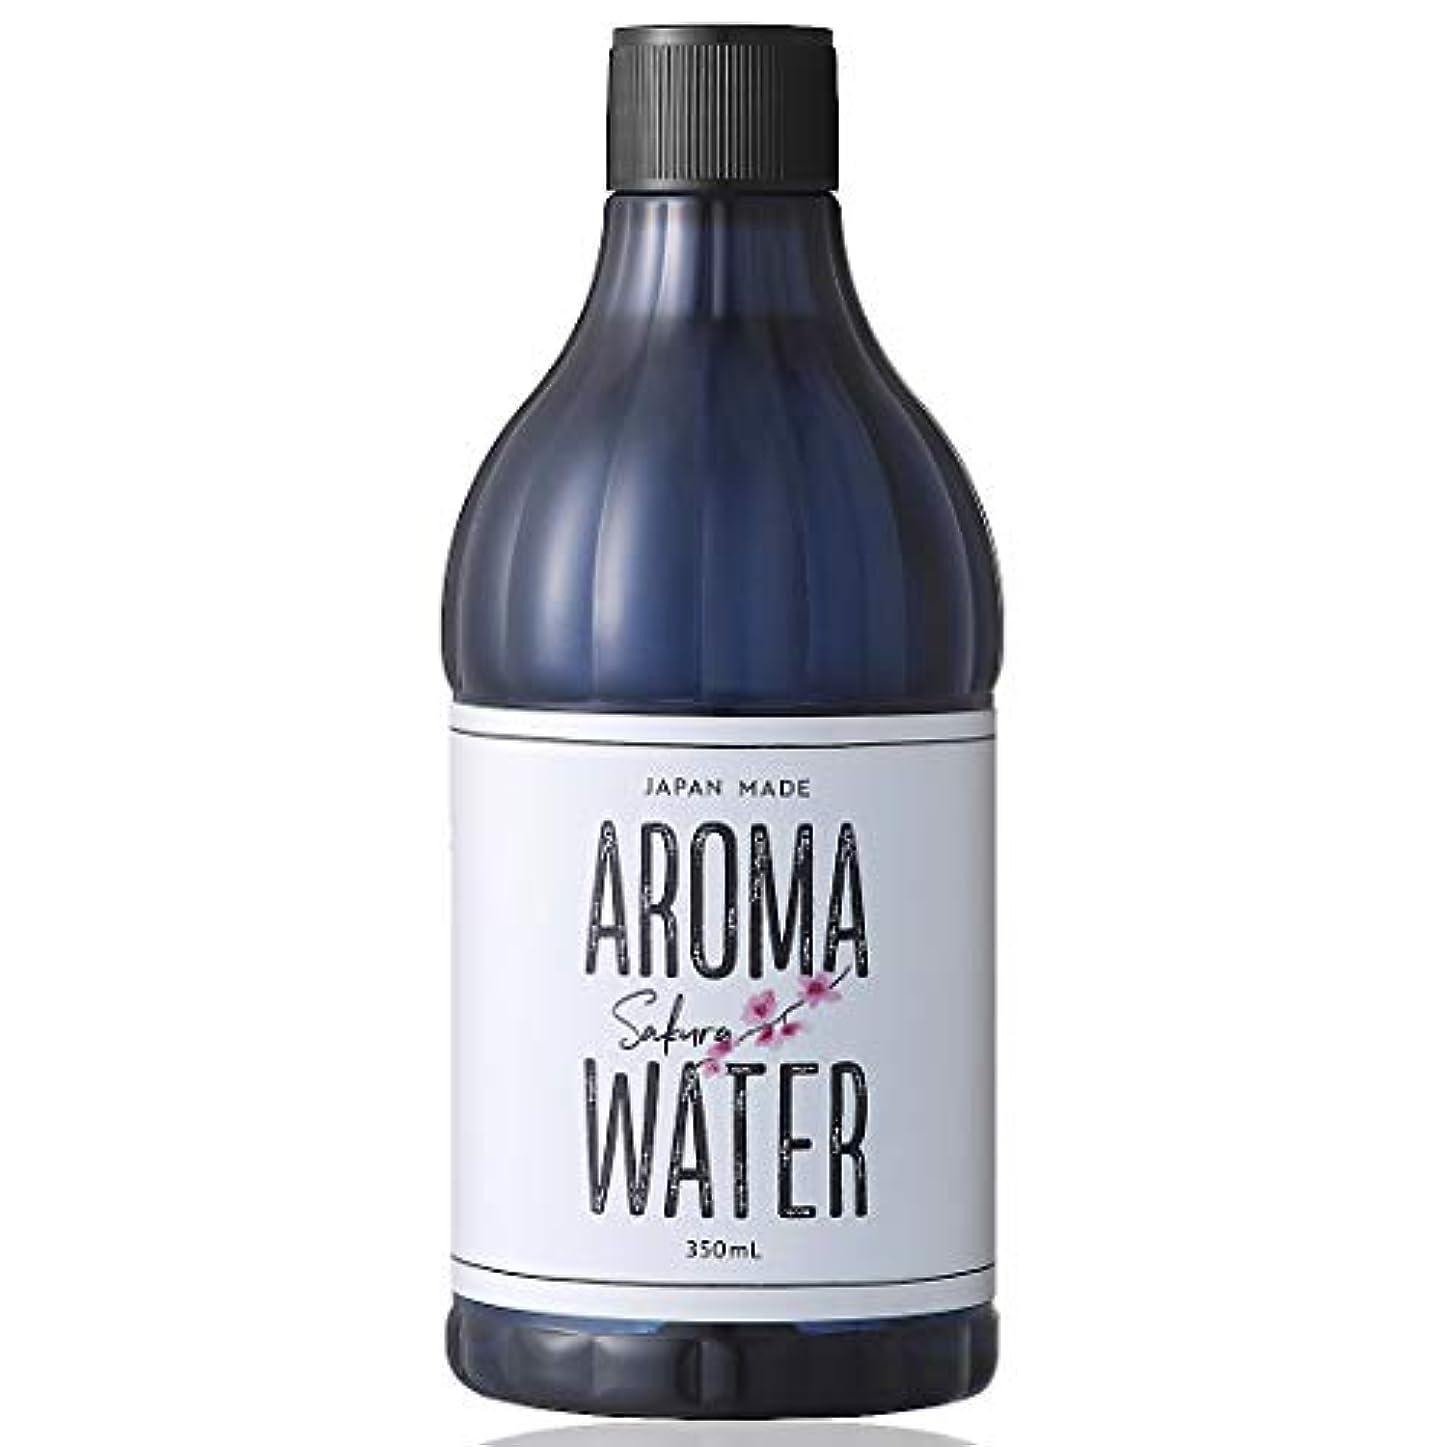 刃輸血送料デイリーアロマジャパン アロマウォーター 加湿器用 350ml 日本製 水溶性アロマ - サクラ